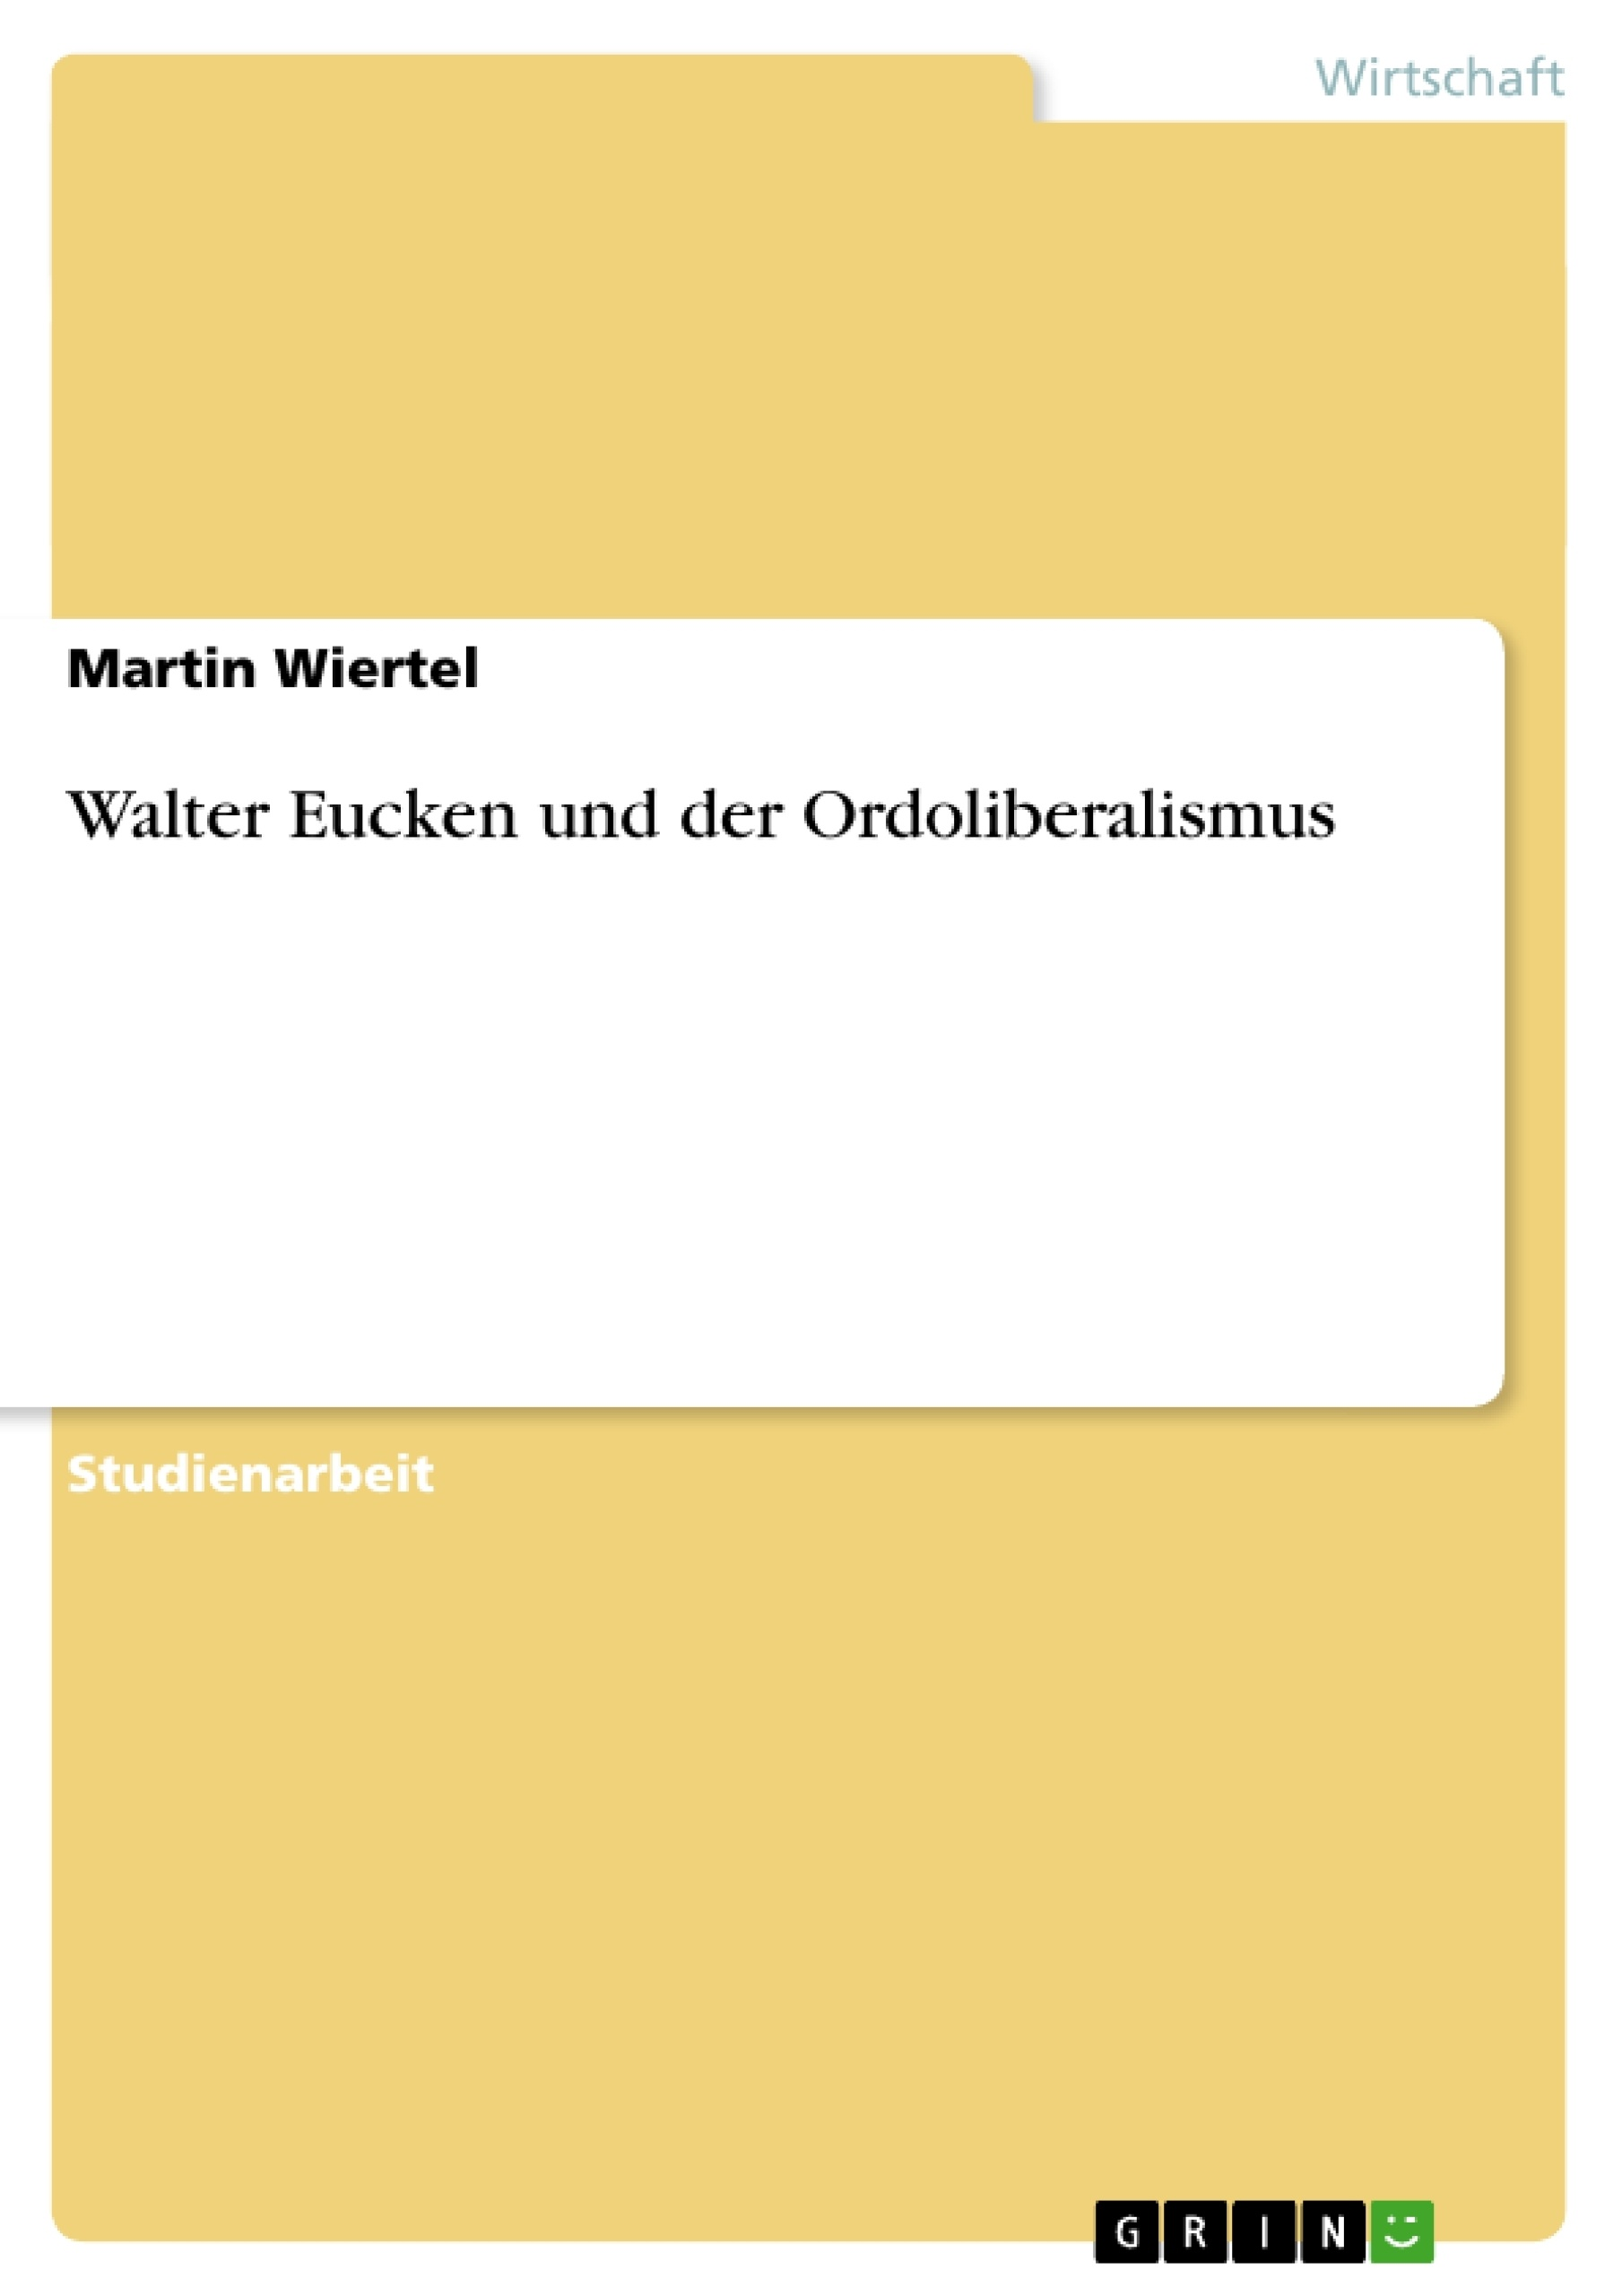 Titel: Walter Eucken und der Ordoliberalismus